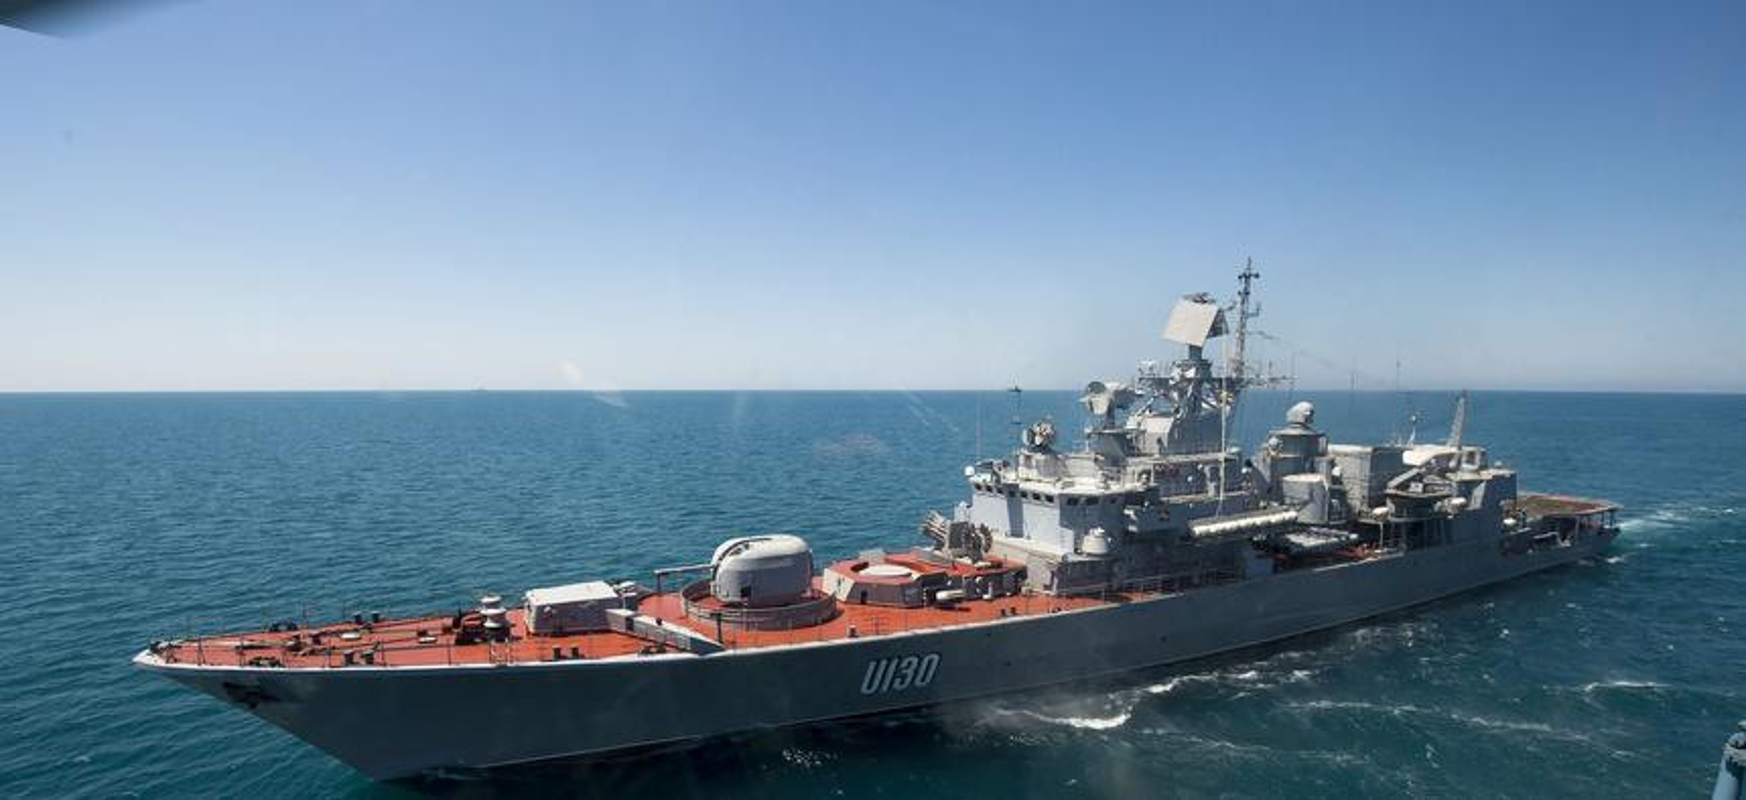 Chuyen gia Ukraine muon cho no cau Kerch, bien Crimea thanh Tran Chau Cang-Hinh-2